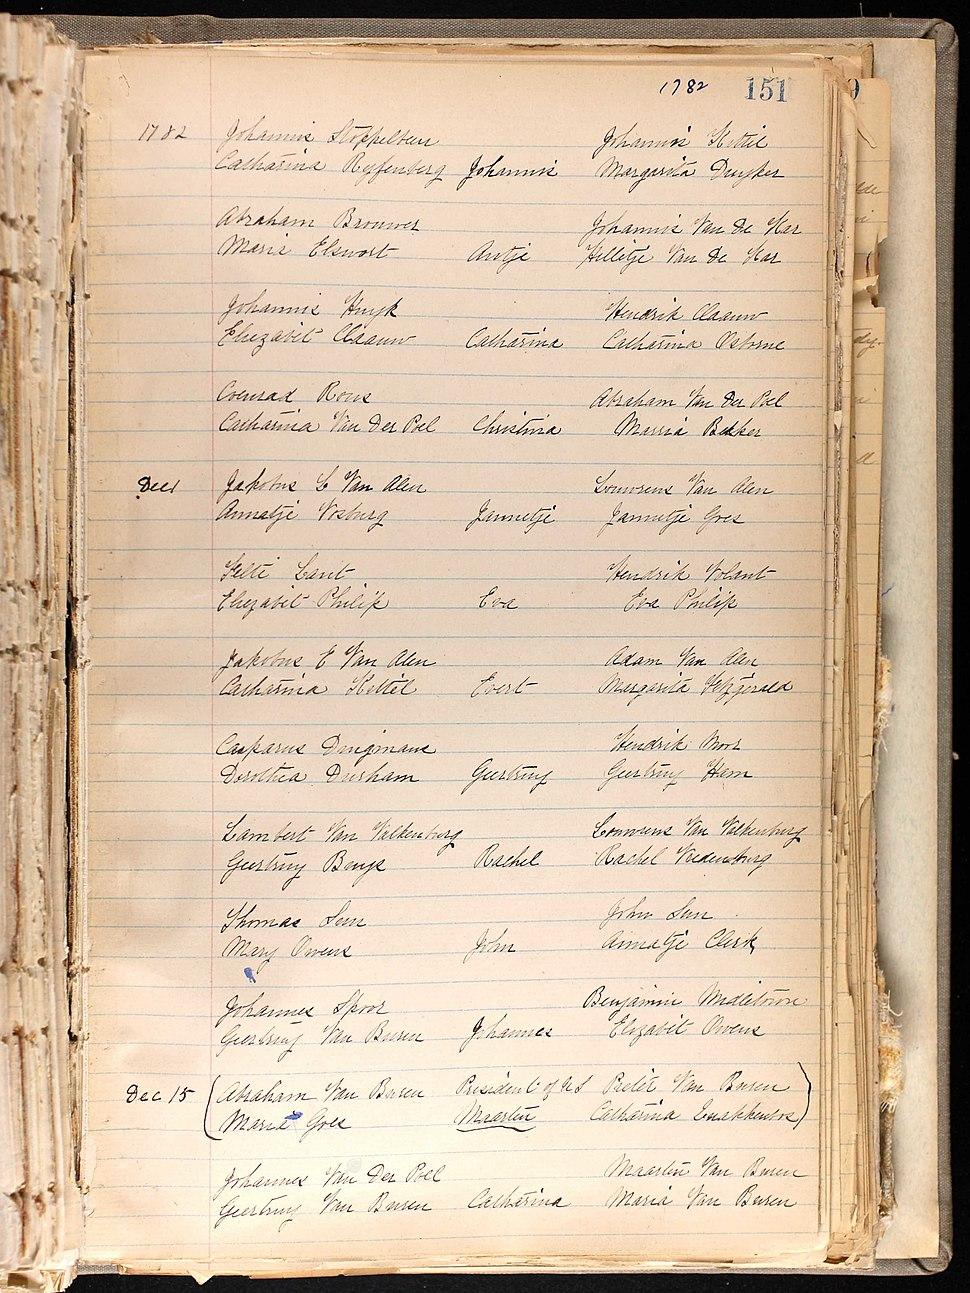 Martin Van Buren Baptism record